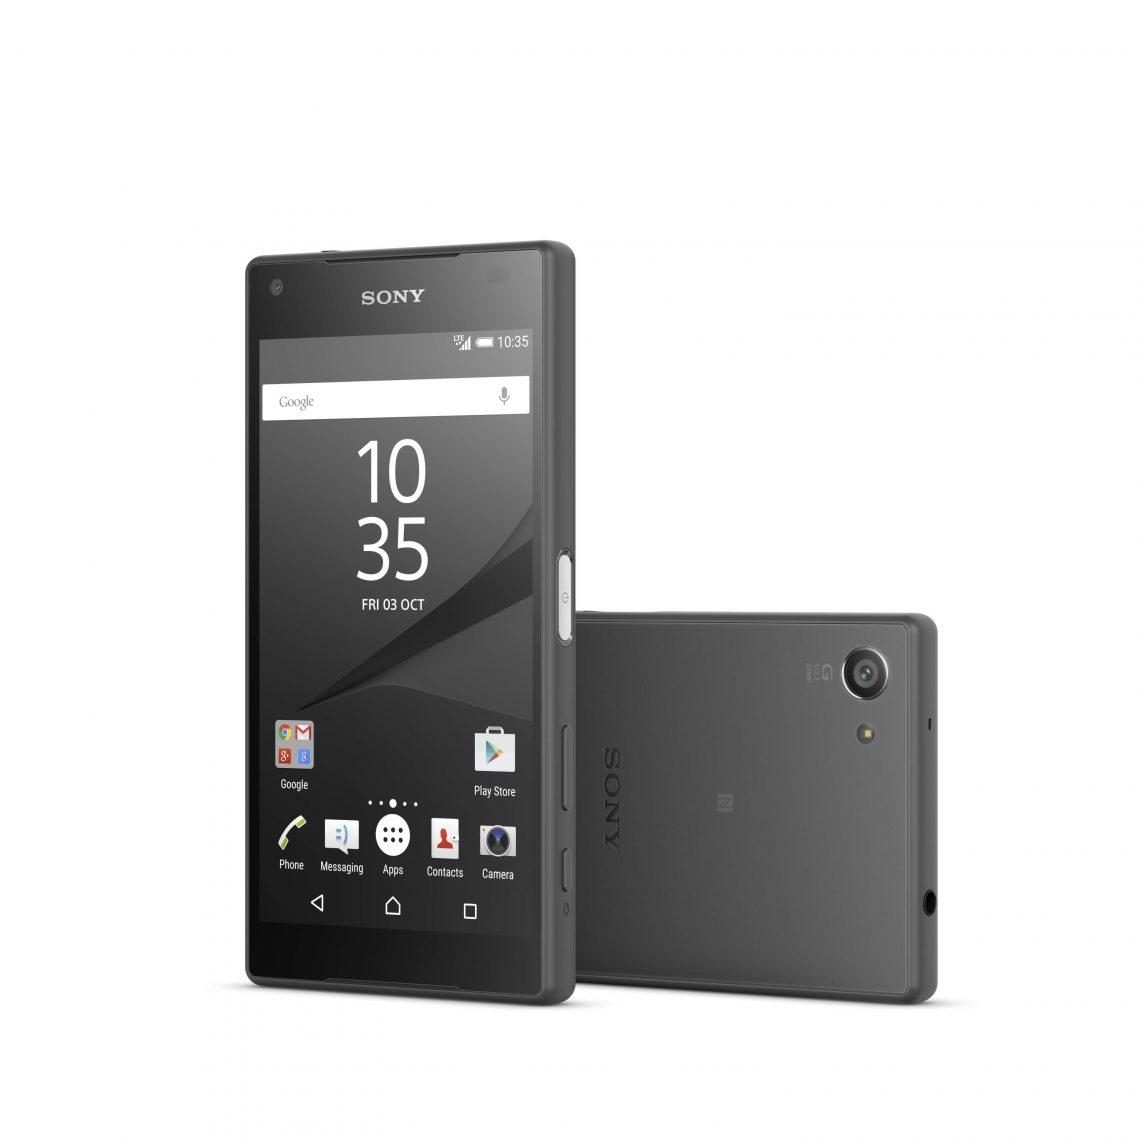 เปิดตัวแล้ว Sony Xperia Z5 และ Z5 Compact ที่มาพร้อมกล้อง 23 ล้านพิกเซล ตบท้ายด้วย Xperia Z5 Premium สมาร์ทโฟนจอ 4K เครื่องแรกของโลก